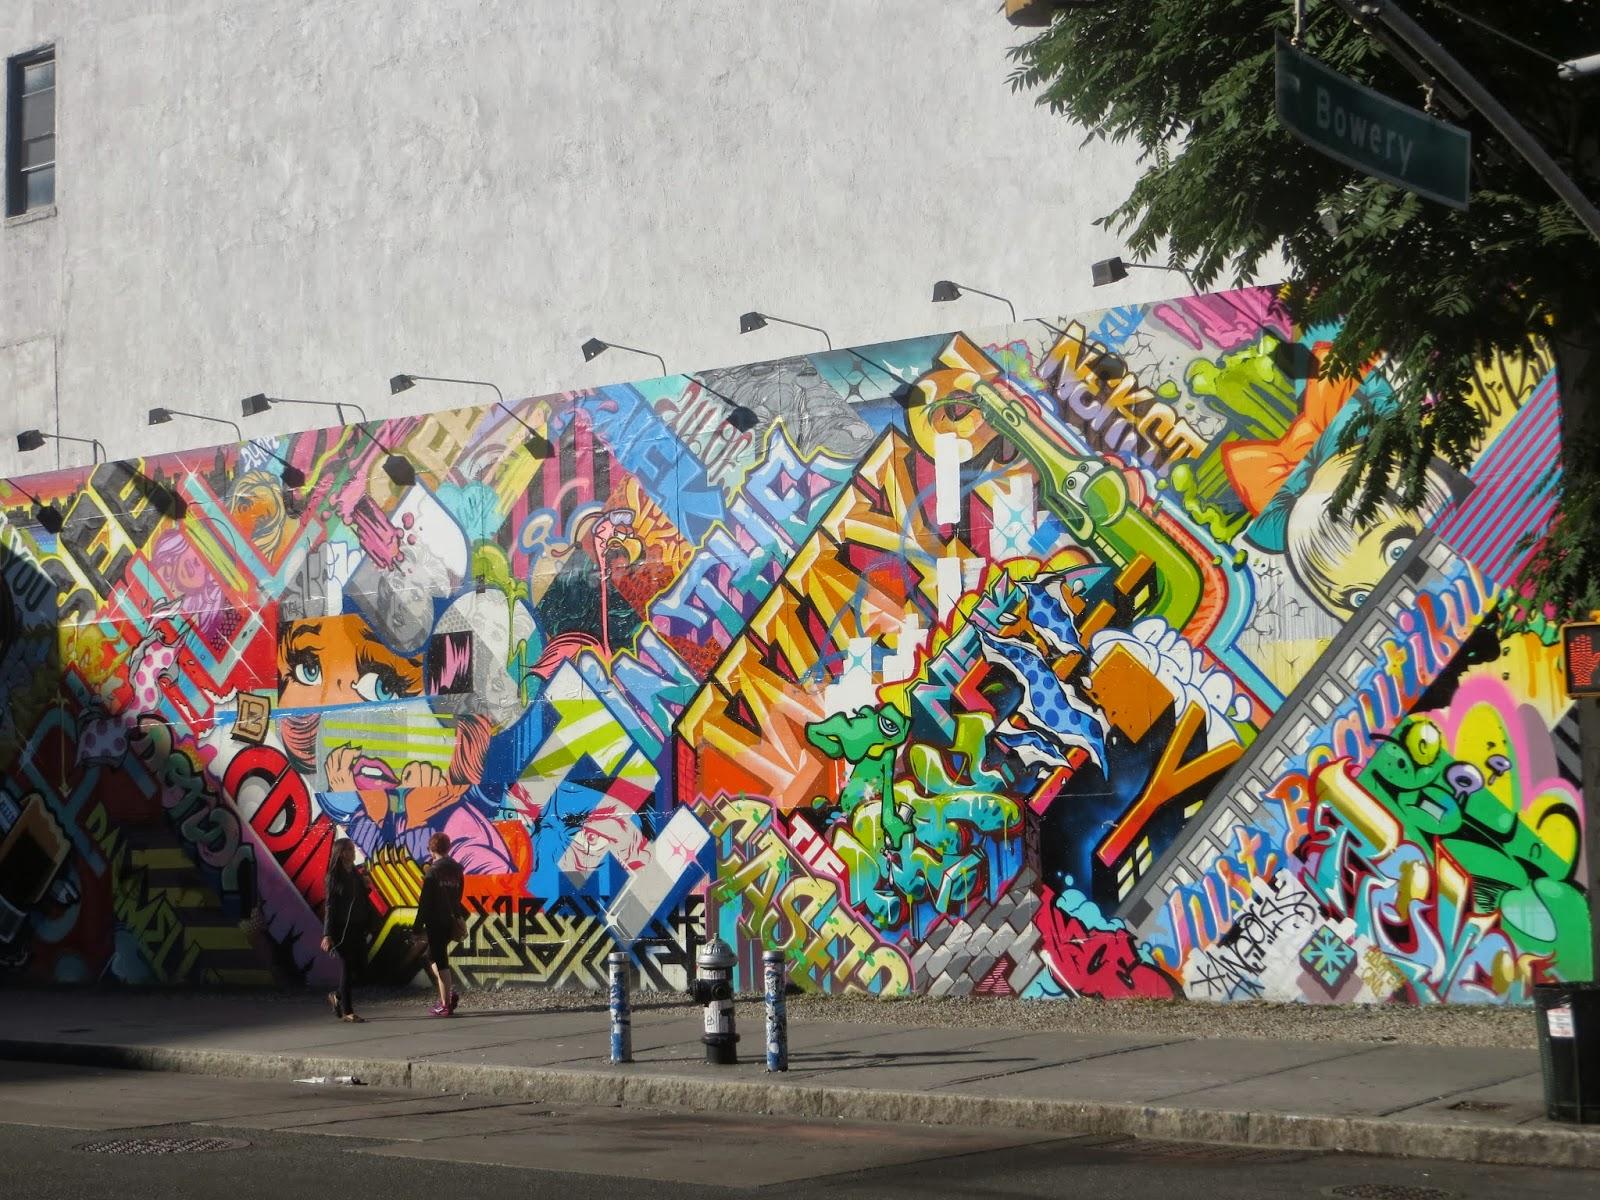 Revok and Pose Mural at Bowery and Houston Graffiti Wall